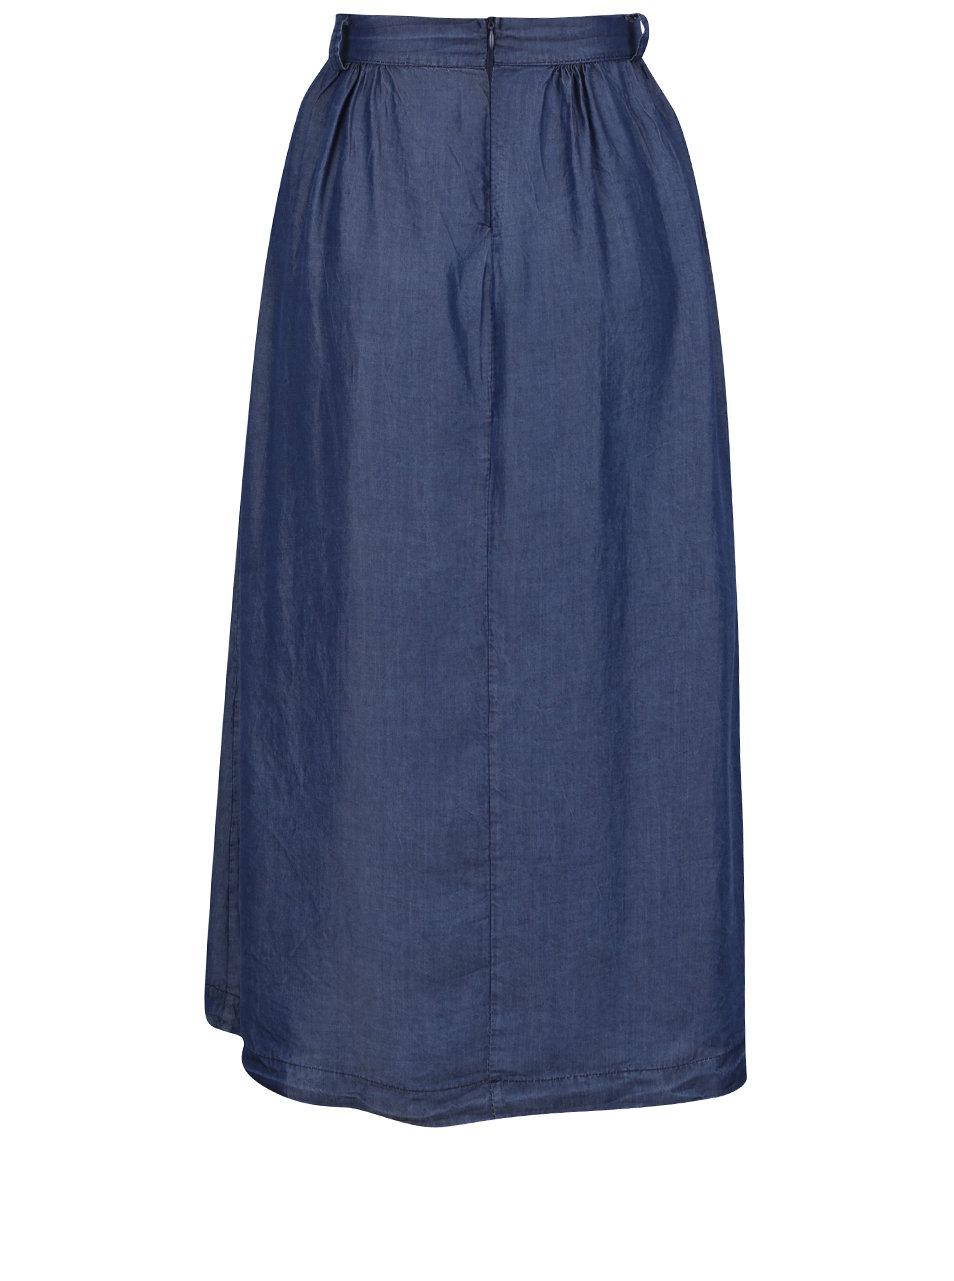 ac110f09d3cc Tmavě modrá džínová midi sukně ZOOT ...